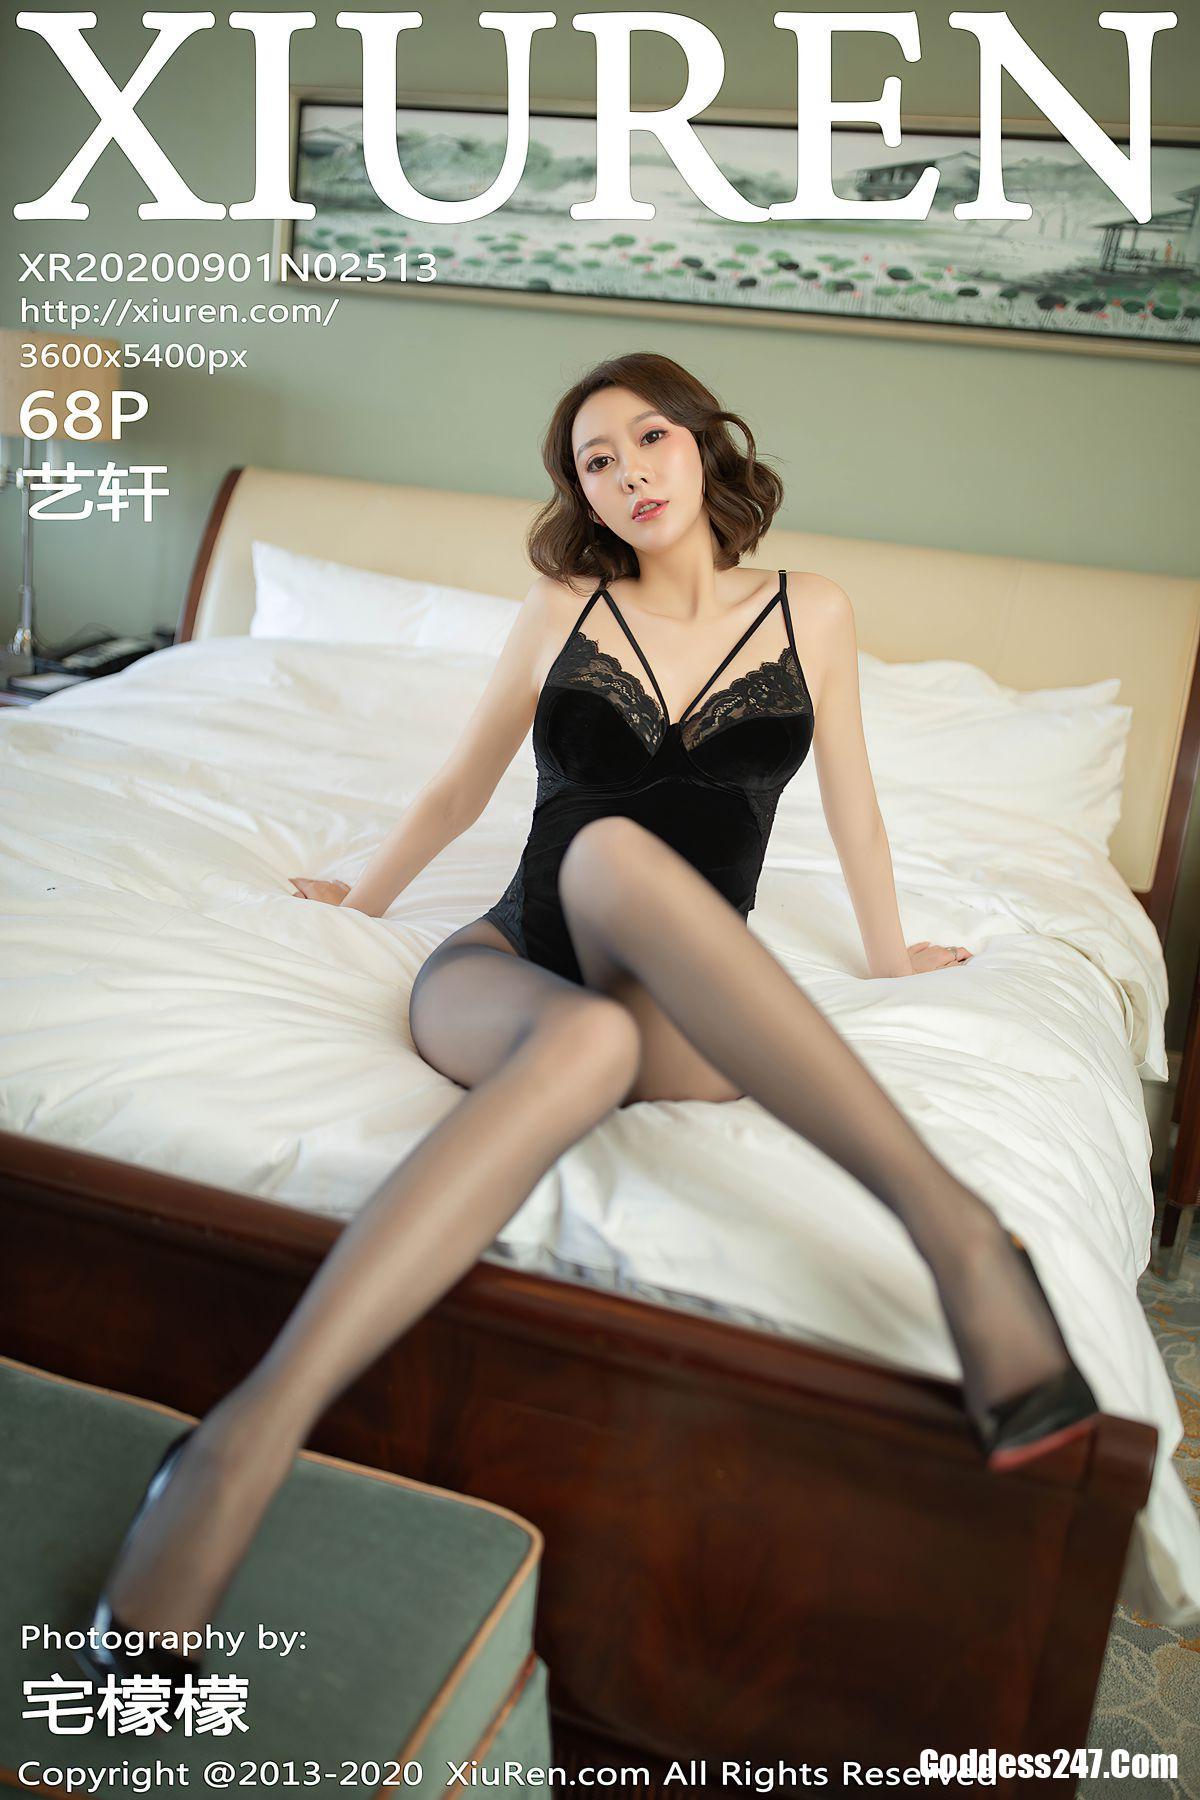 XiuRen秀人网 Vol.2513 艺轩